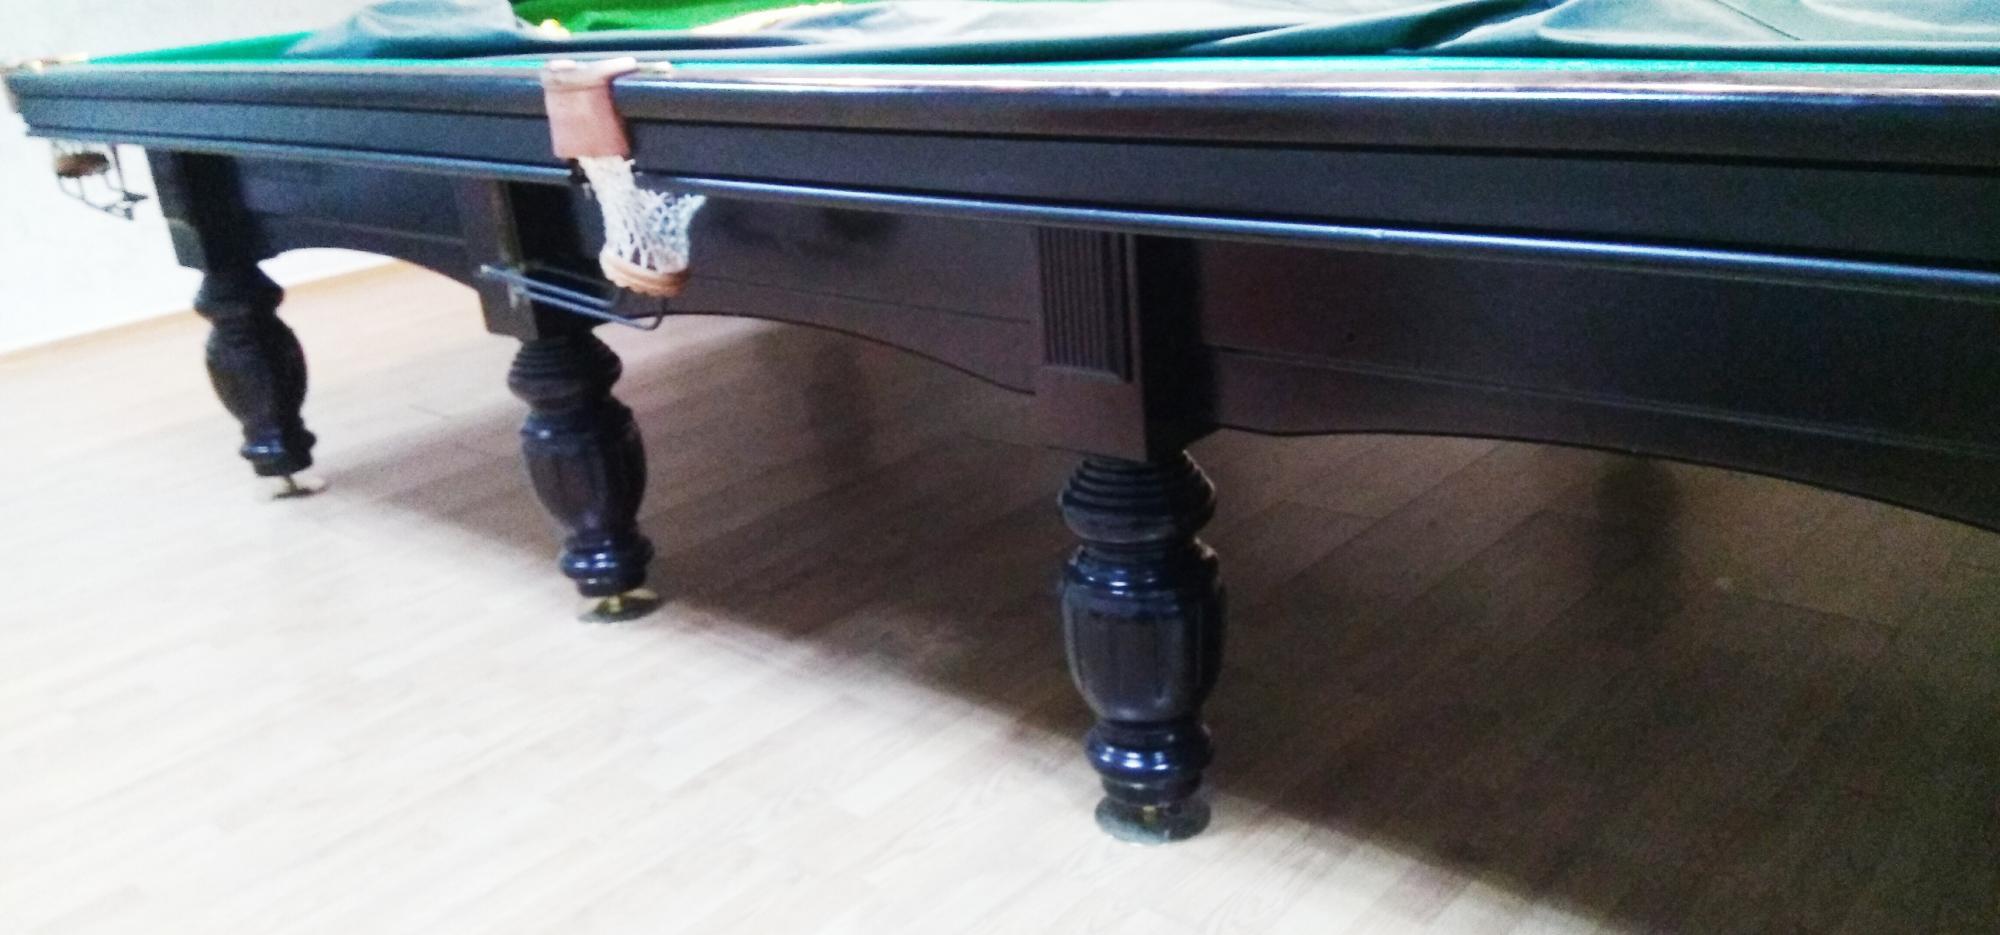 Бильярдный стол 12 футов в Москве 89895132143 купить 6